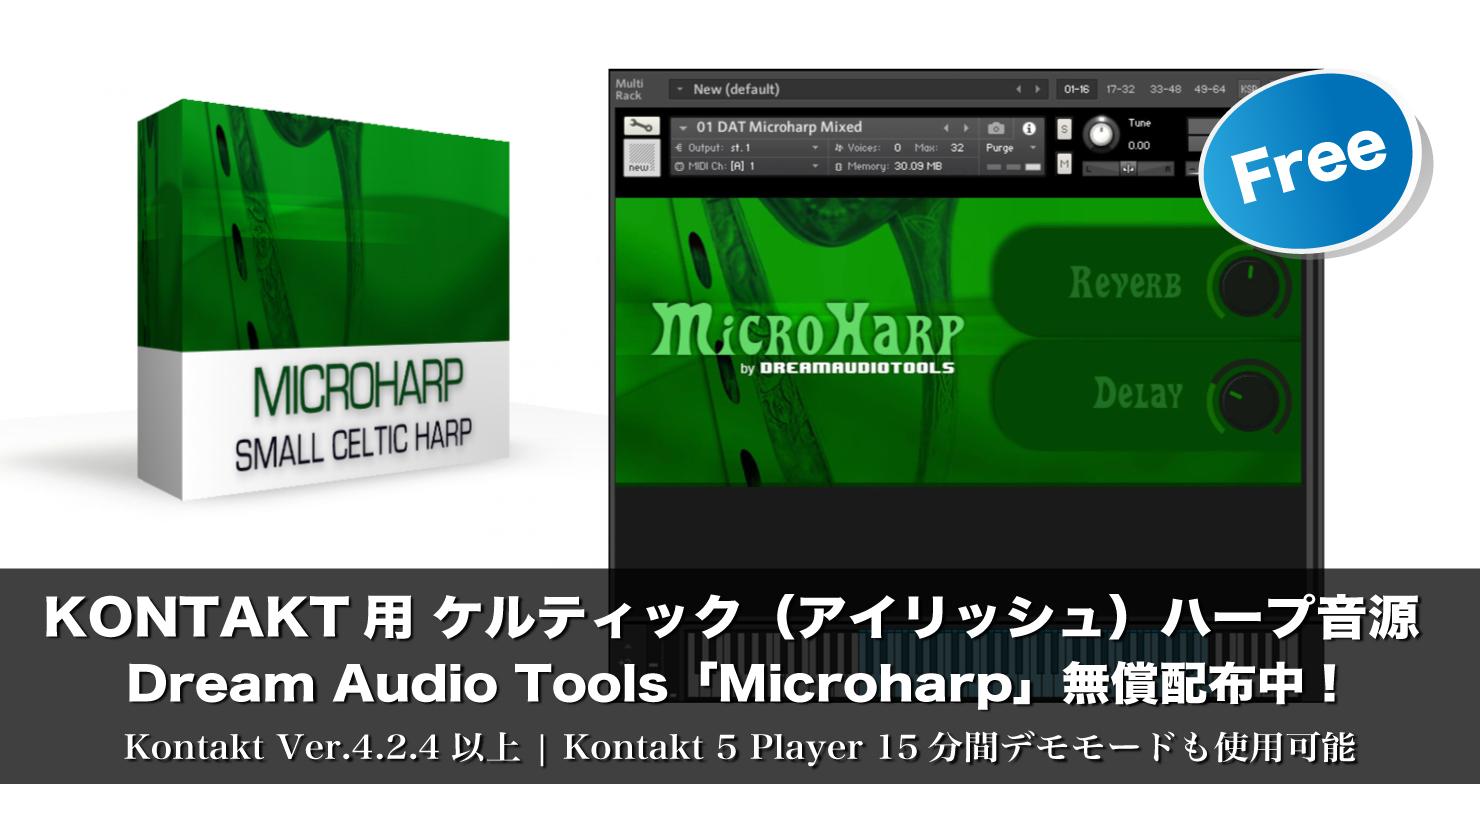 【無料】KONTAKT用 ケルティック(アイリッシュ)ハープ音源 Dream Audio Tools「Microharp」無償配布中!